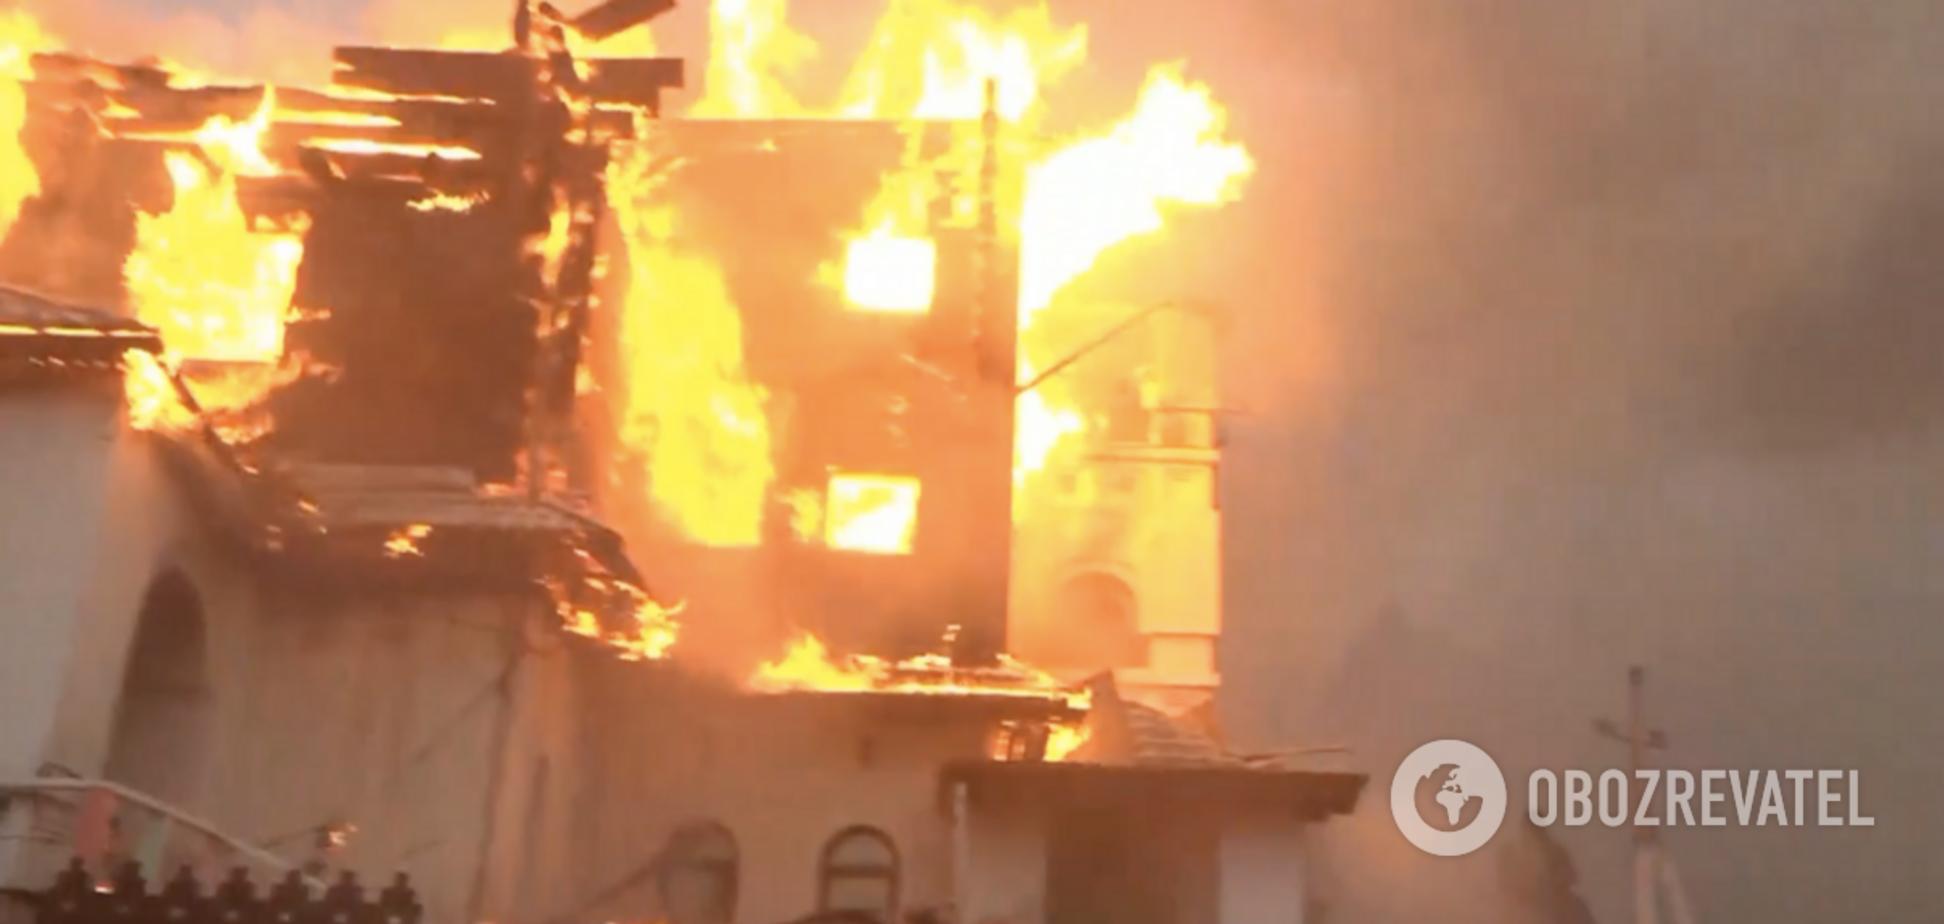 В России горела крупная гостиница: подробности и видео ЧП